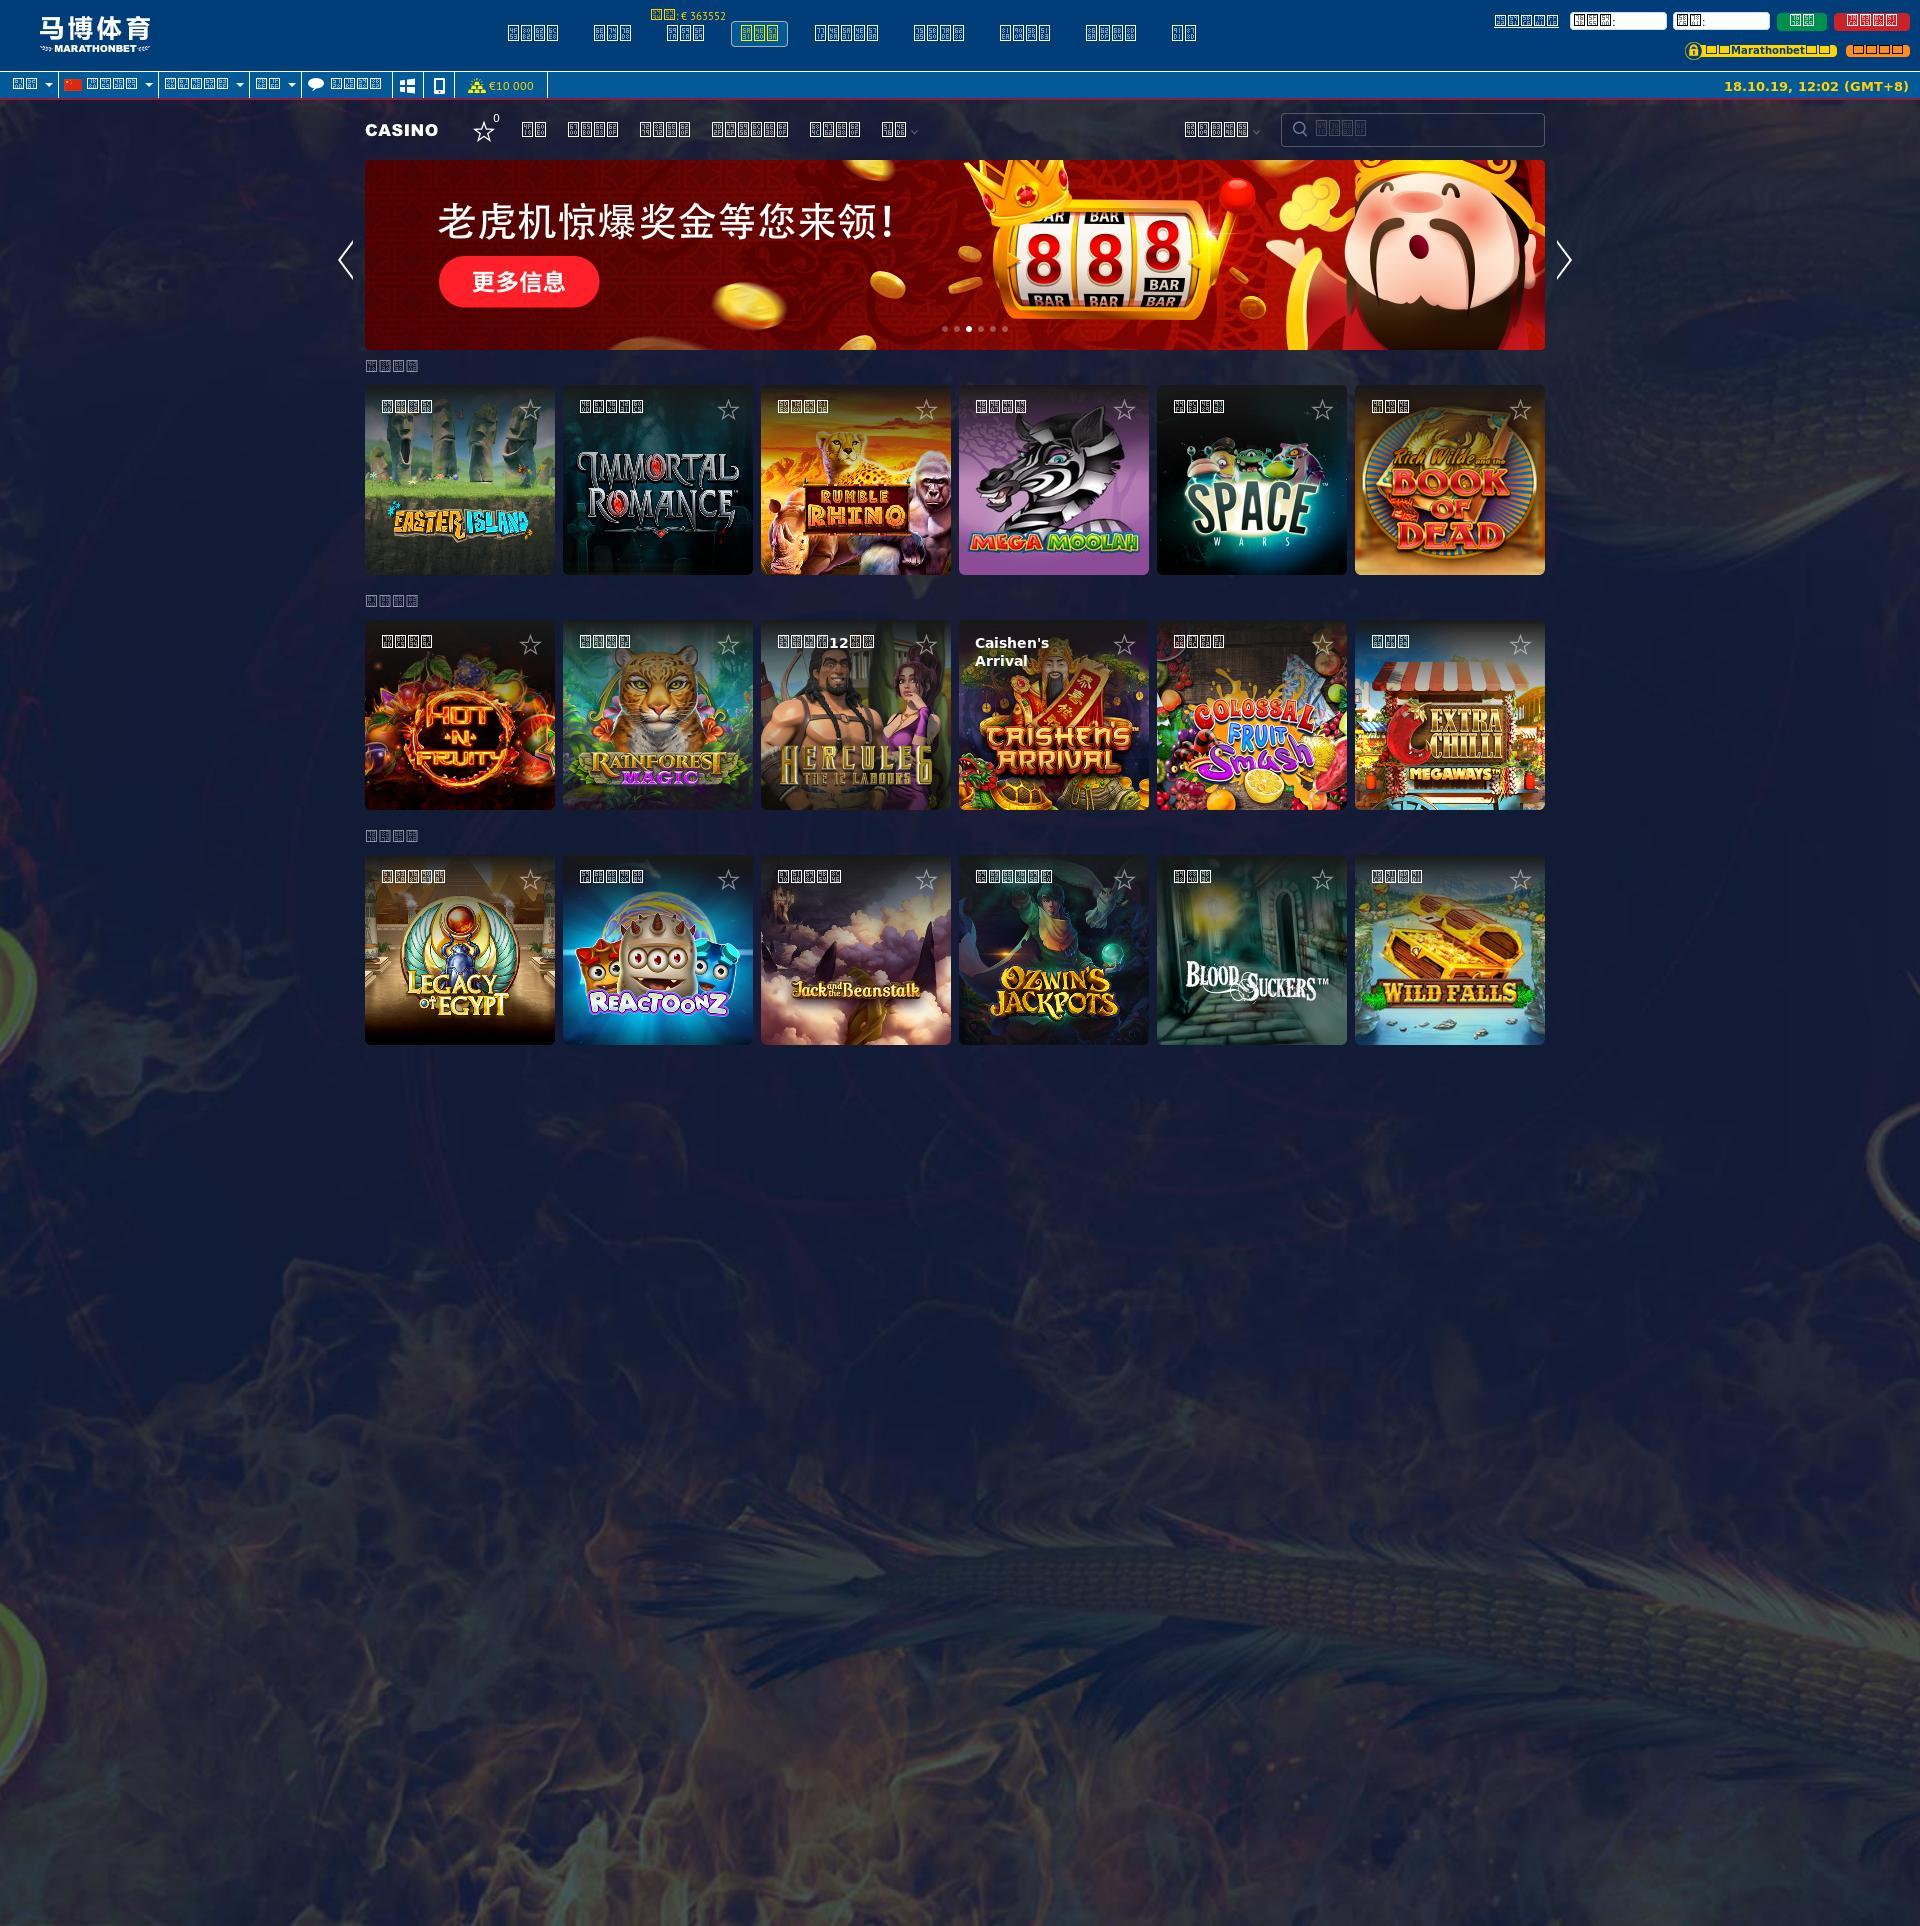 赌场的屏幕 Lobby 2019-10-18 对于 中国